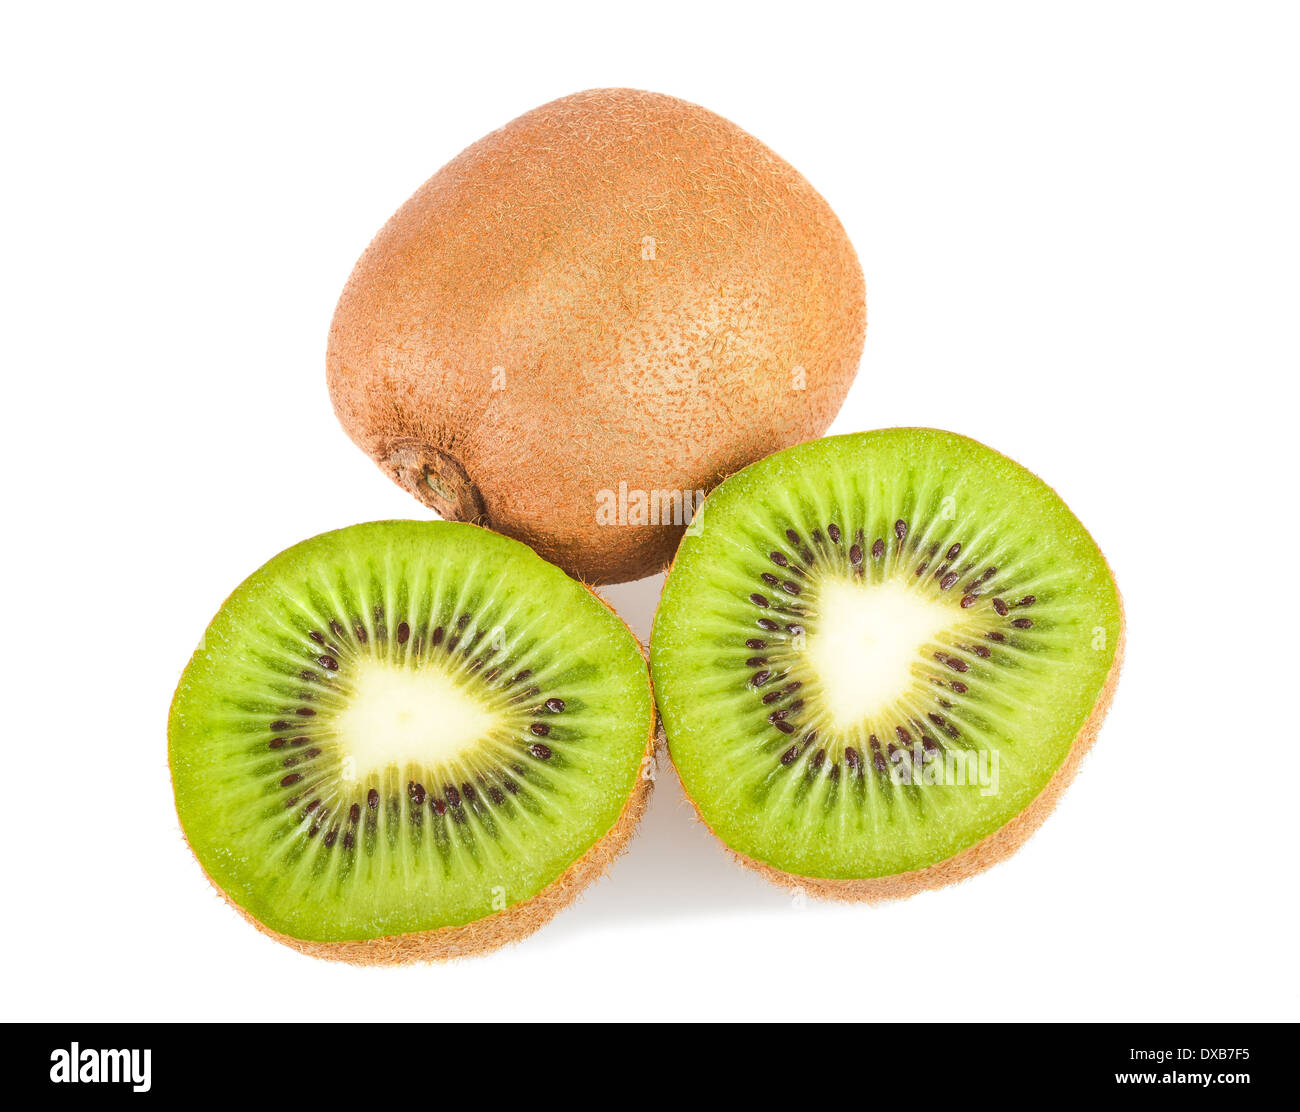 cutting kiwi isolated on white - Stock Image